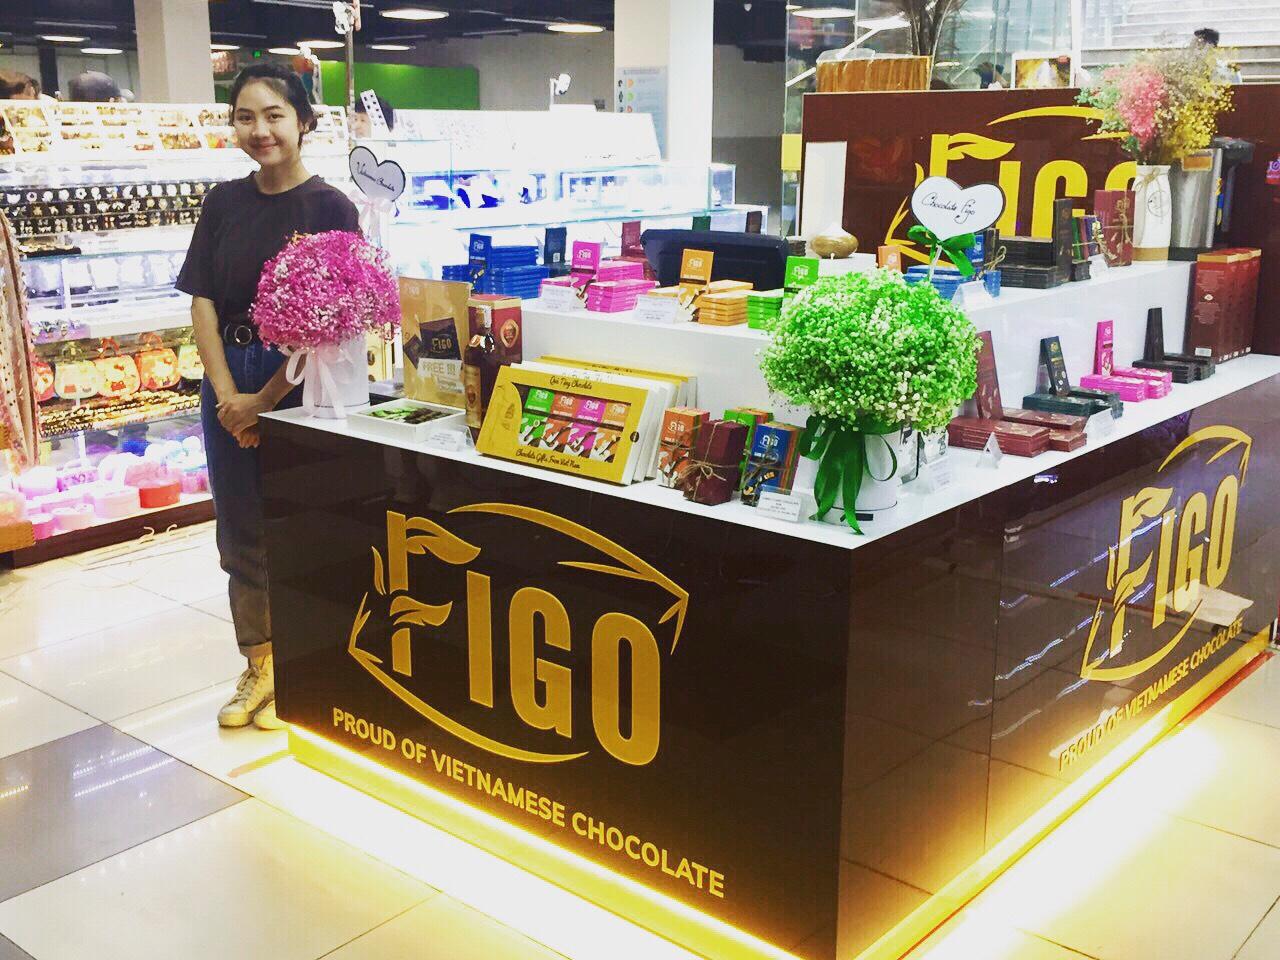 Cửa hàng Socola nào uy tín tại Thành phố Hồ Chí Minh hiện nay ?